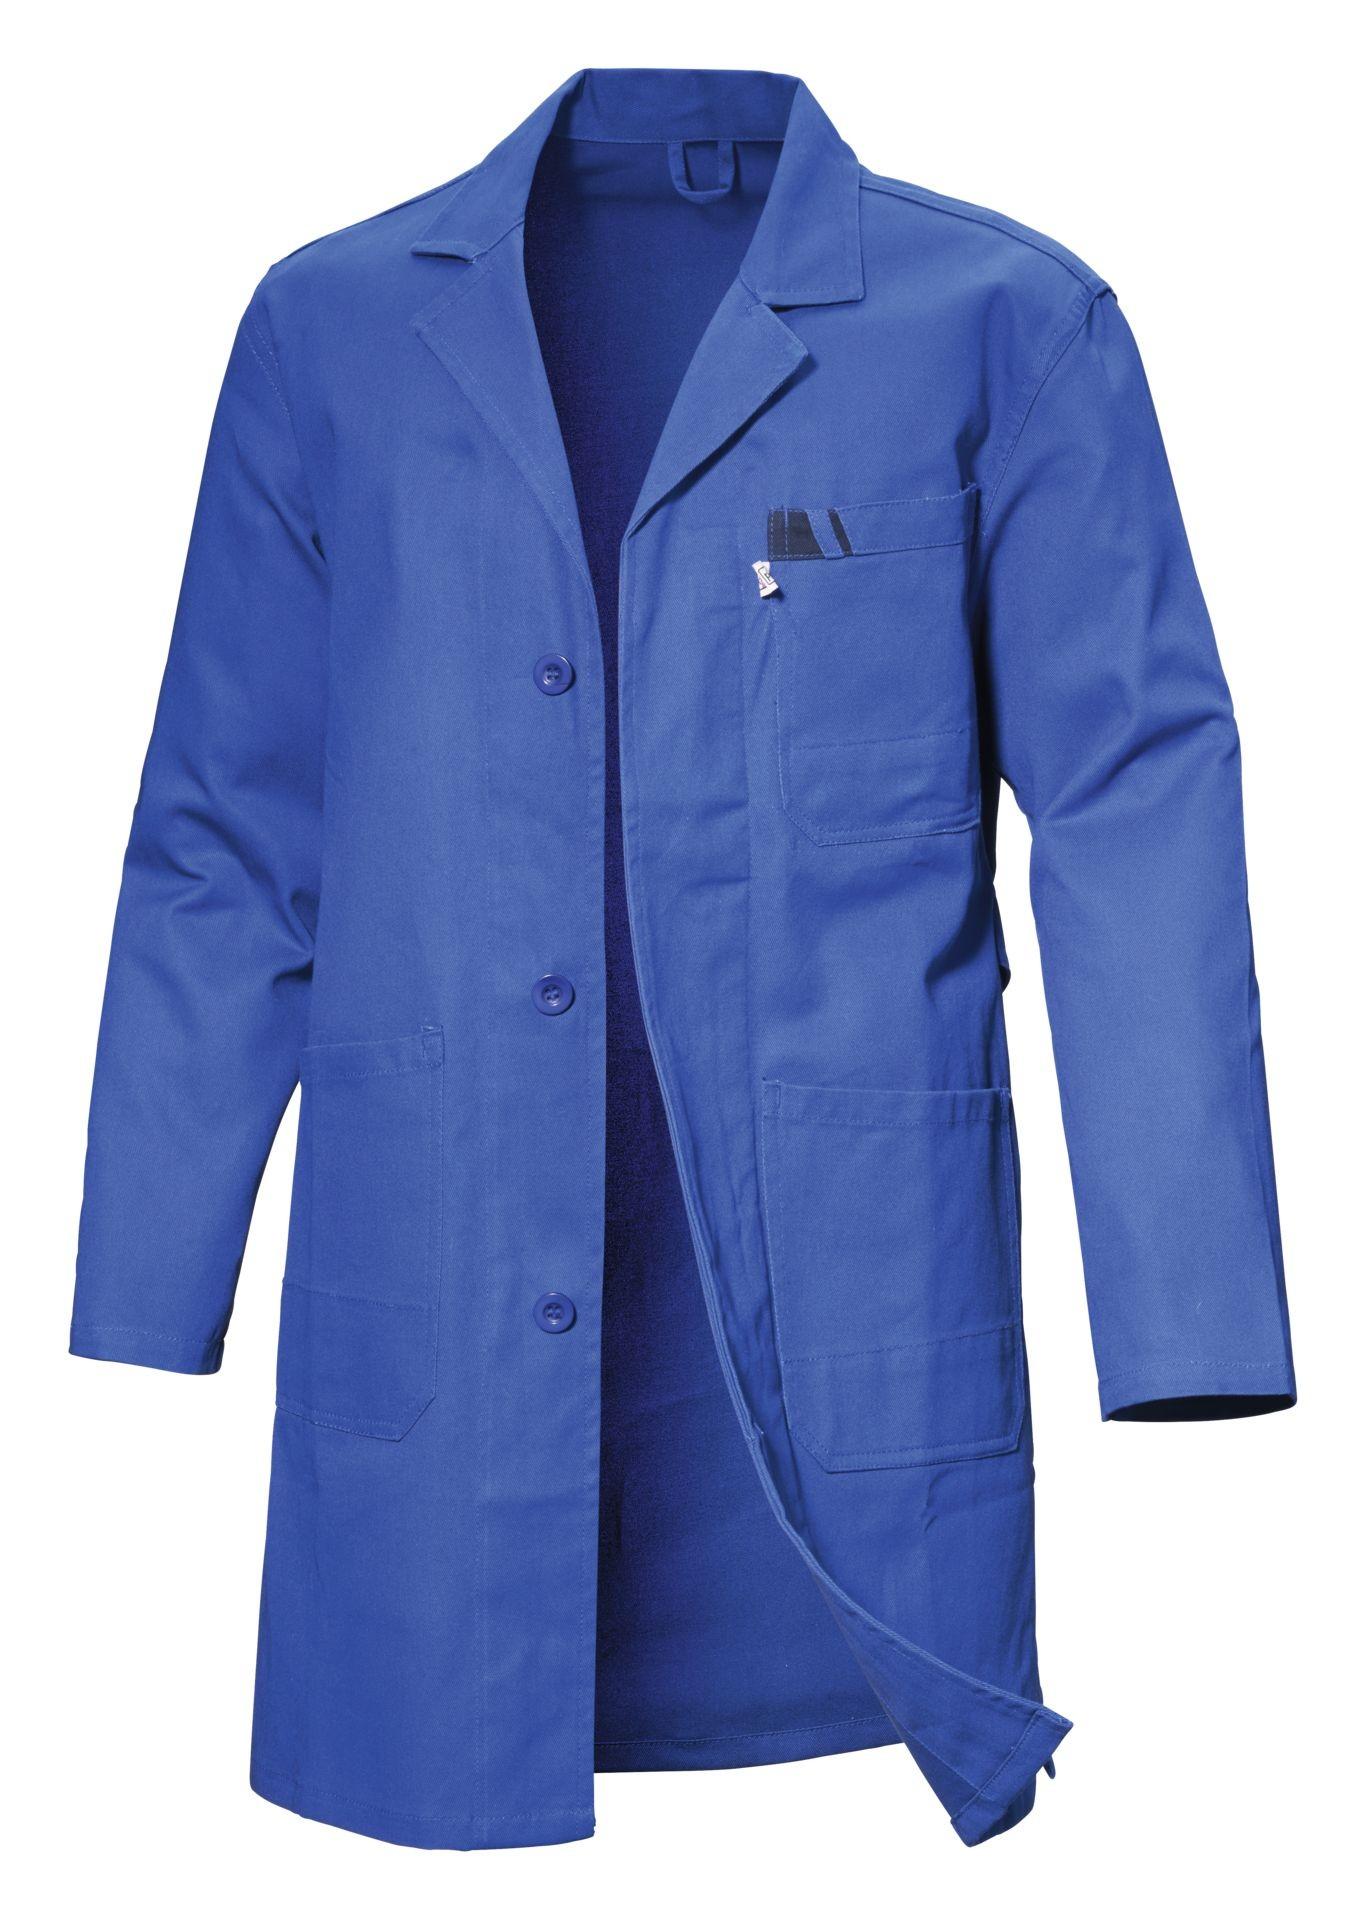 Arbeitskittel blau